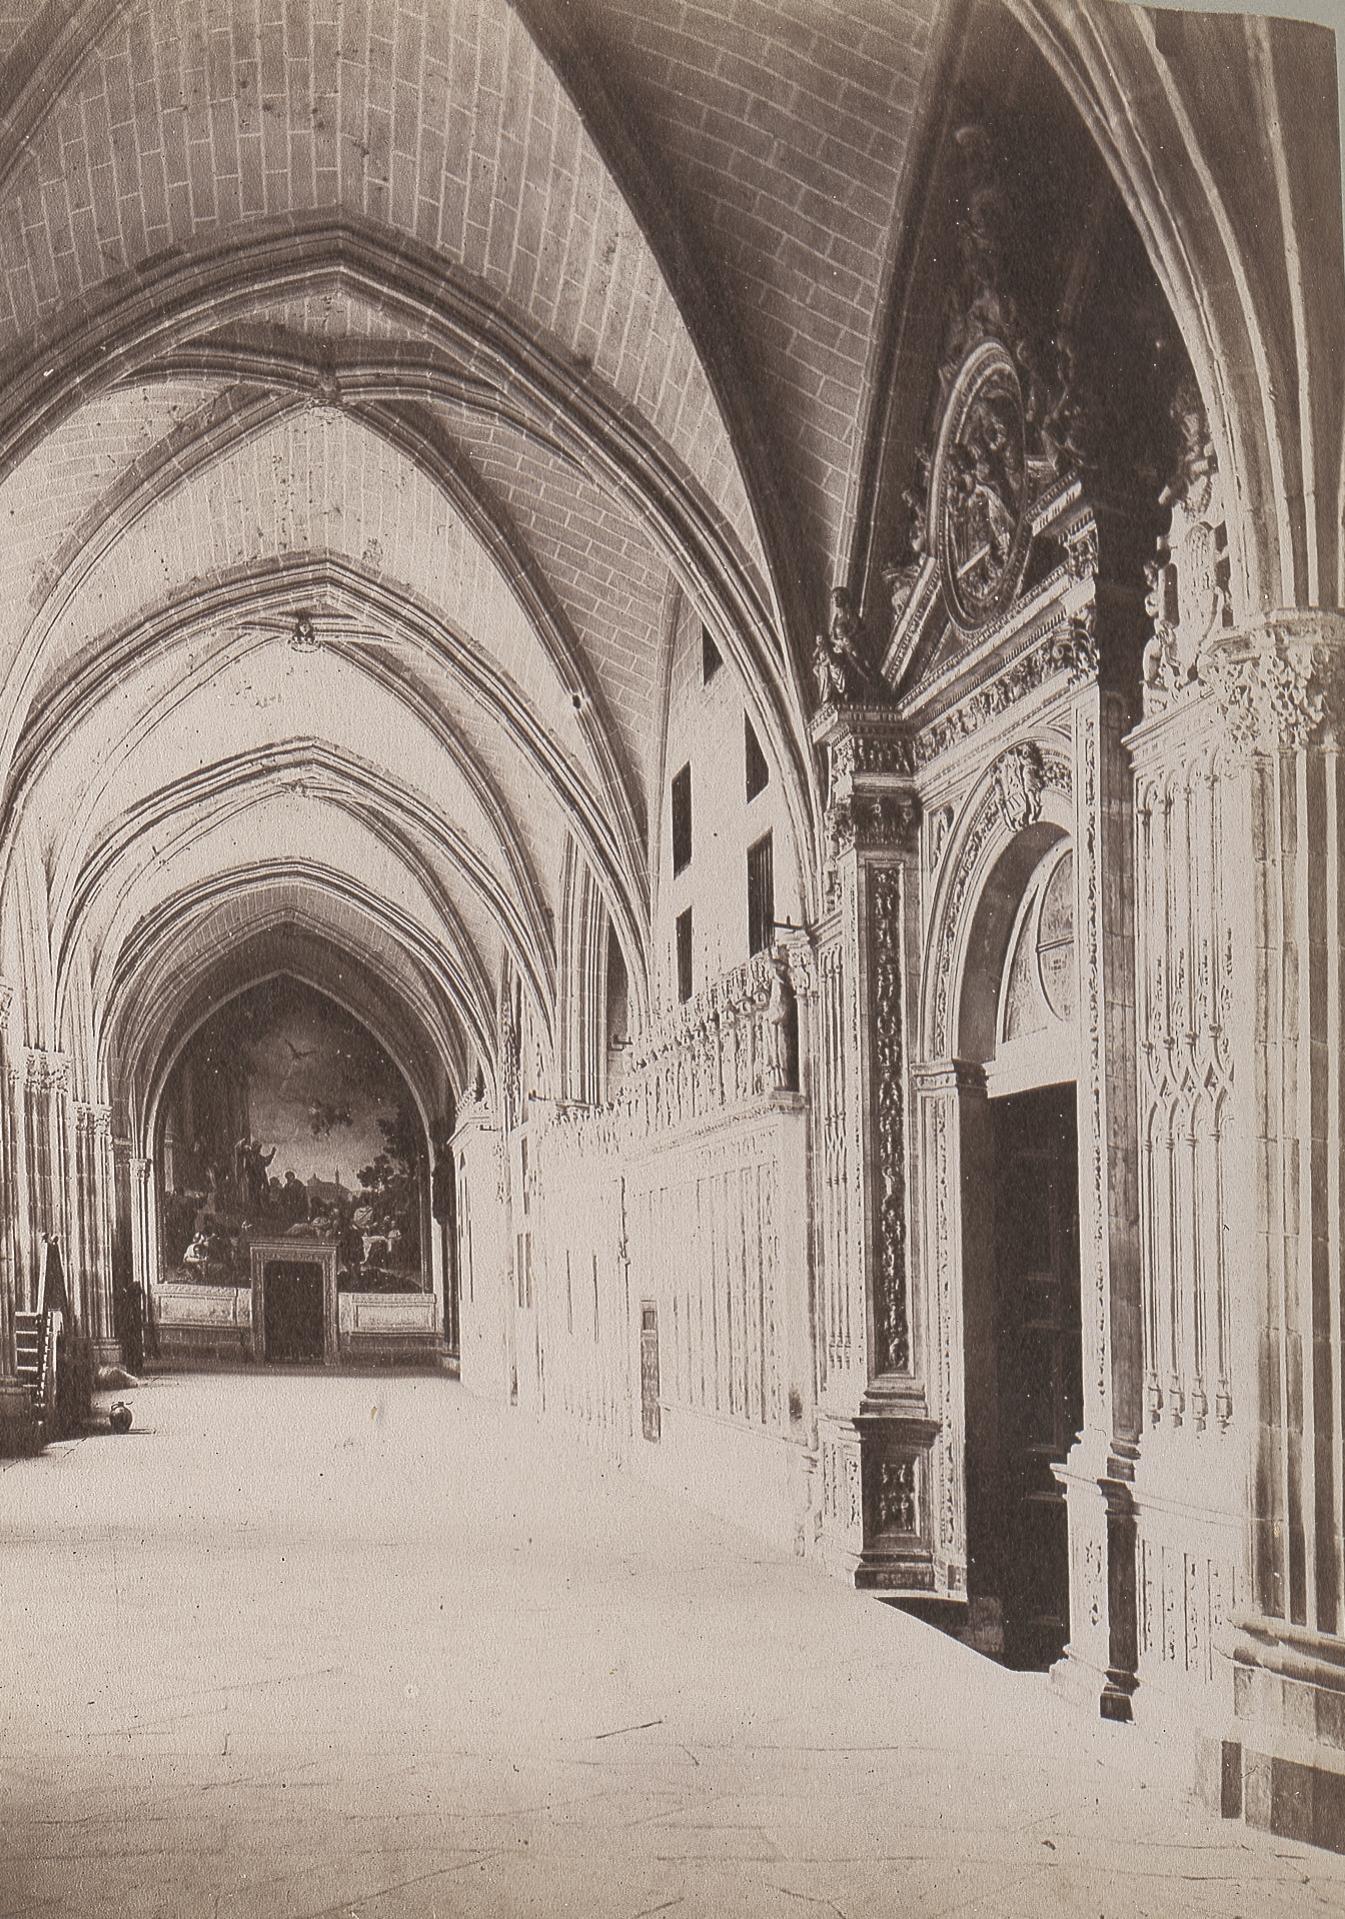 Claustro de la Catedral de Toledo en 1886 © Archives départementales de l'Aude